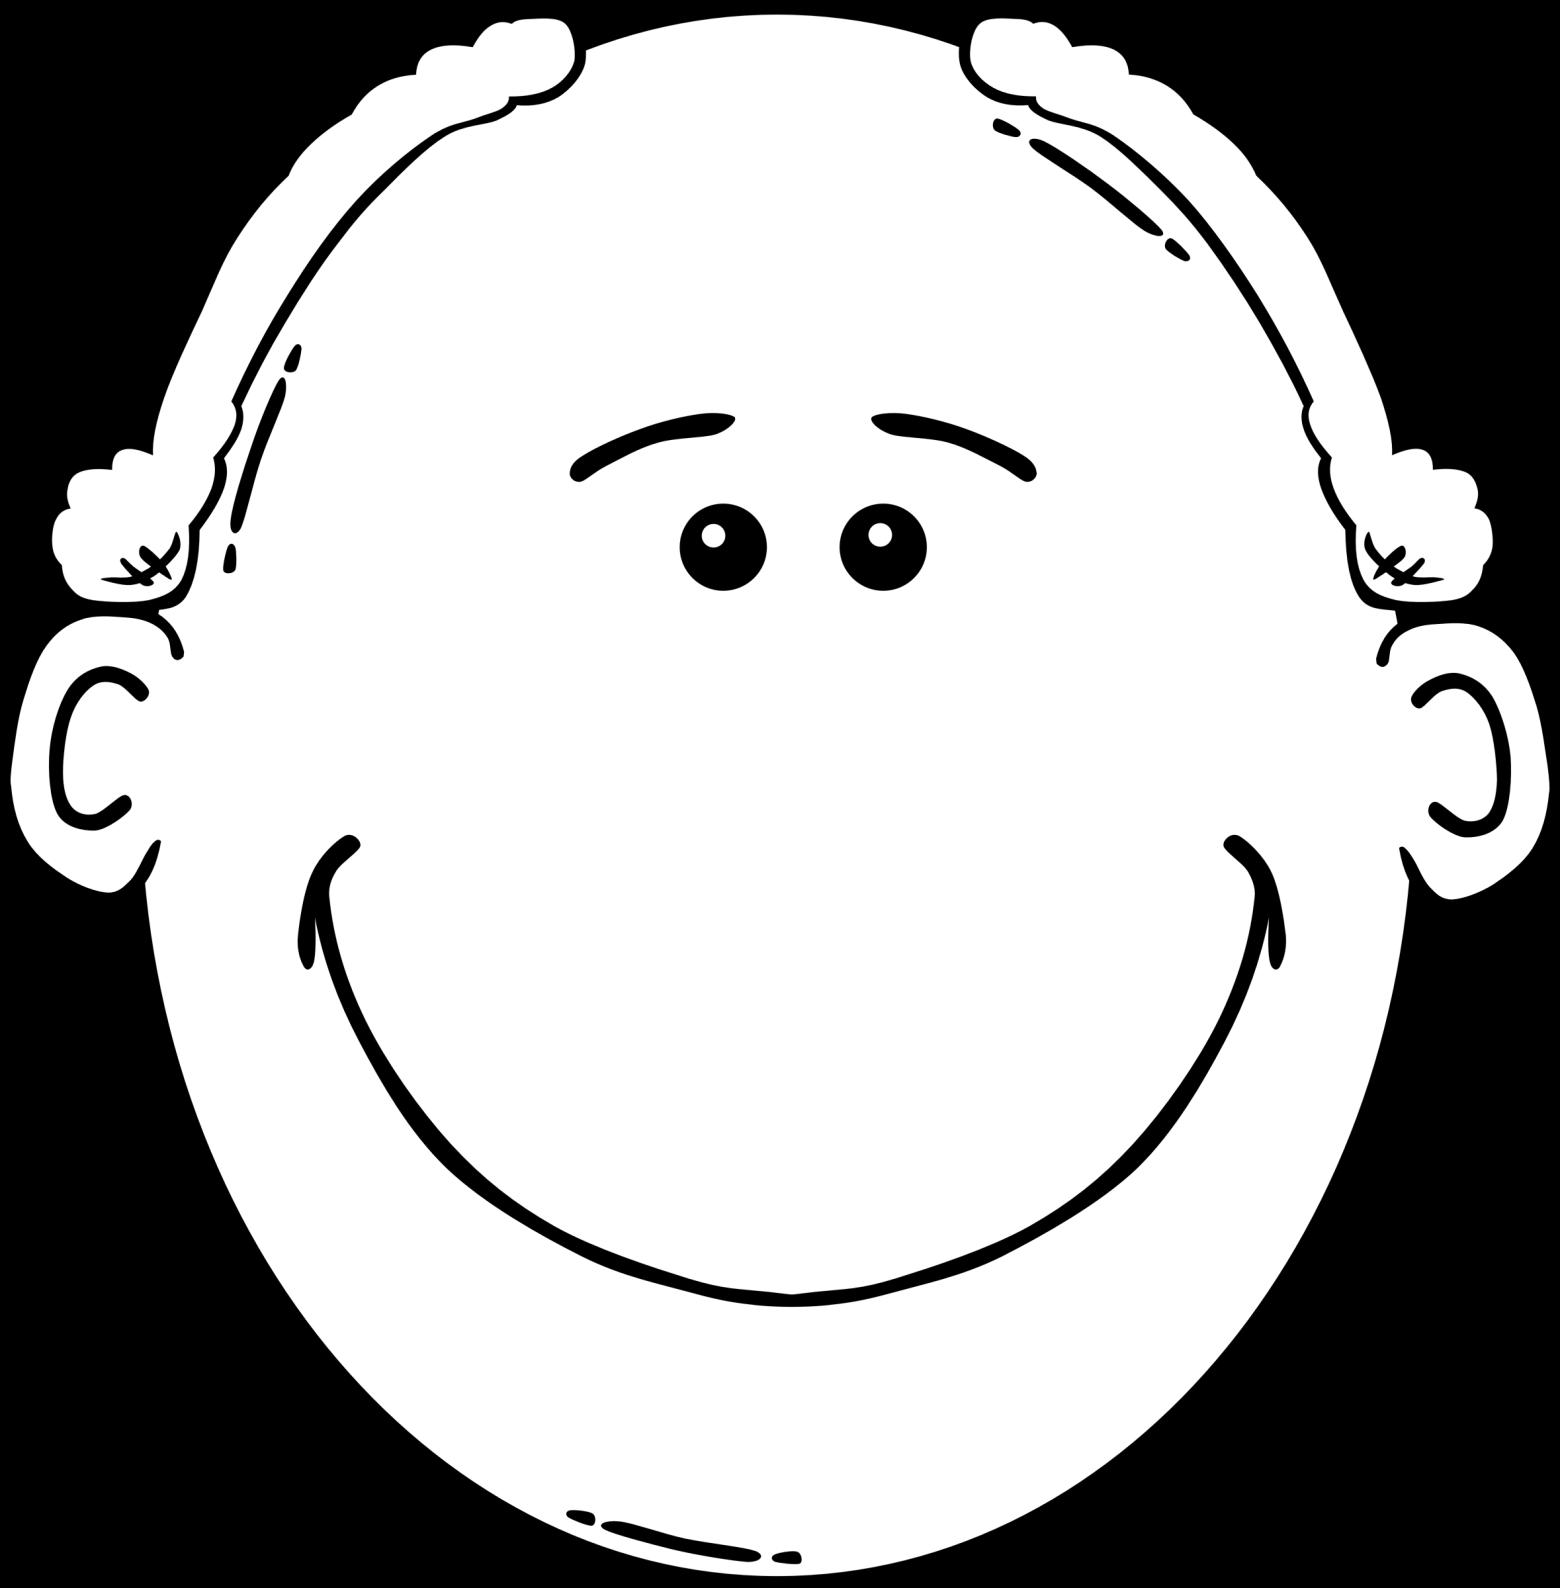 homme garçon sourire illustrations cliparts images gratuites ...